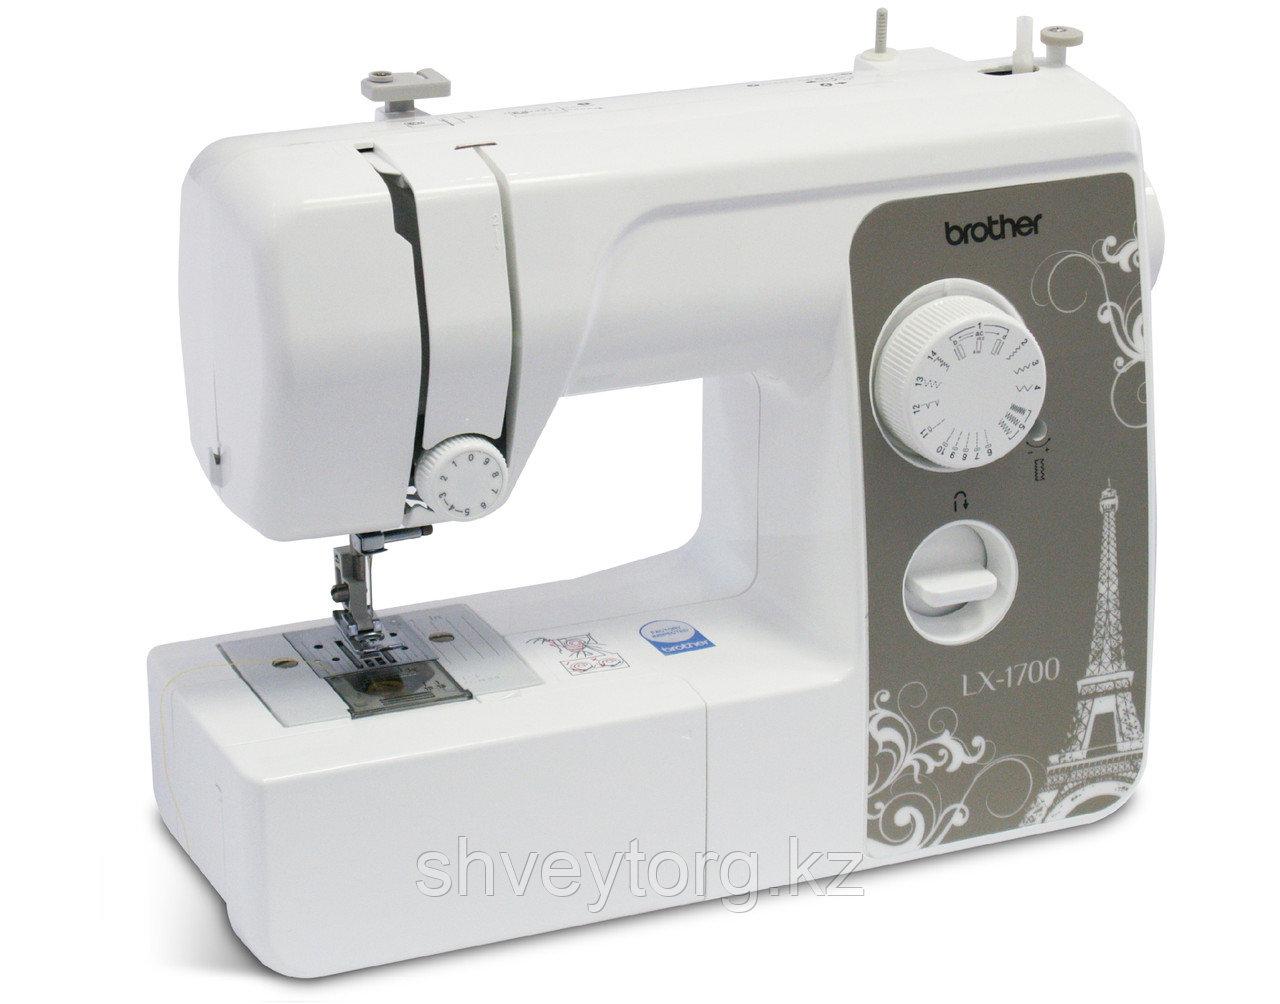 Бытовая швейная машинка Brother  LX-1700